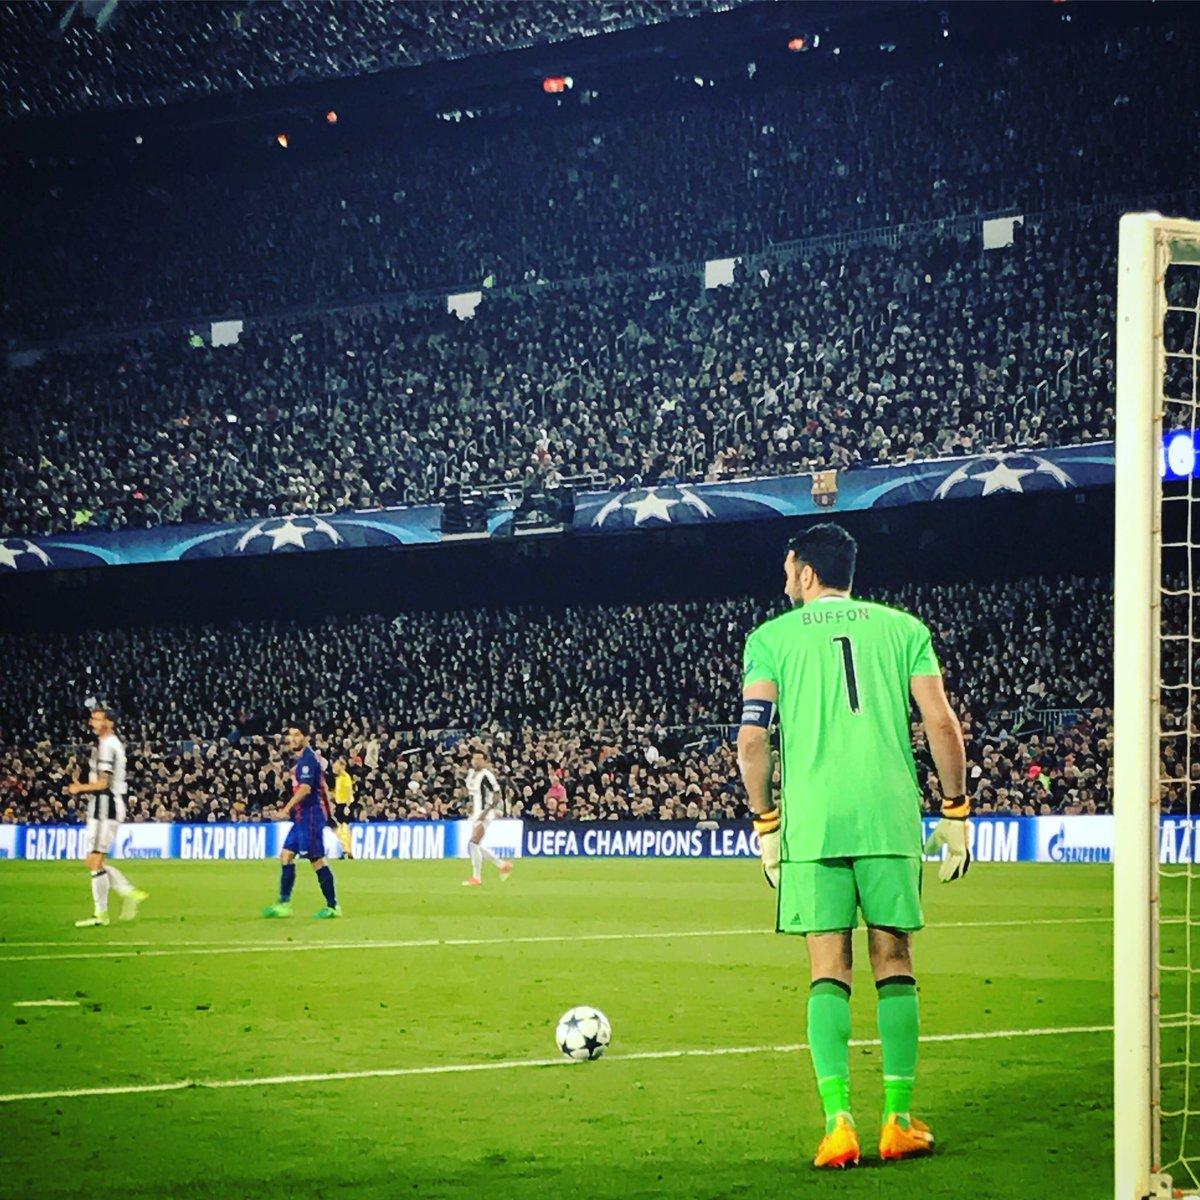 Si @gianluigibuffon gagne la @ChampionsLeague avec la @juventusfc cette saison, je persiste et signe #Buffon #ballondor  Non ?!pic.twitter.com/g0T2AdCoMo